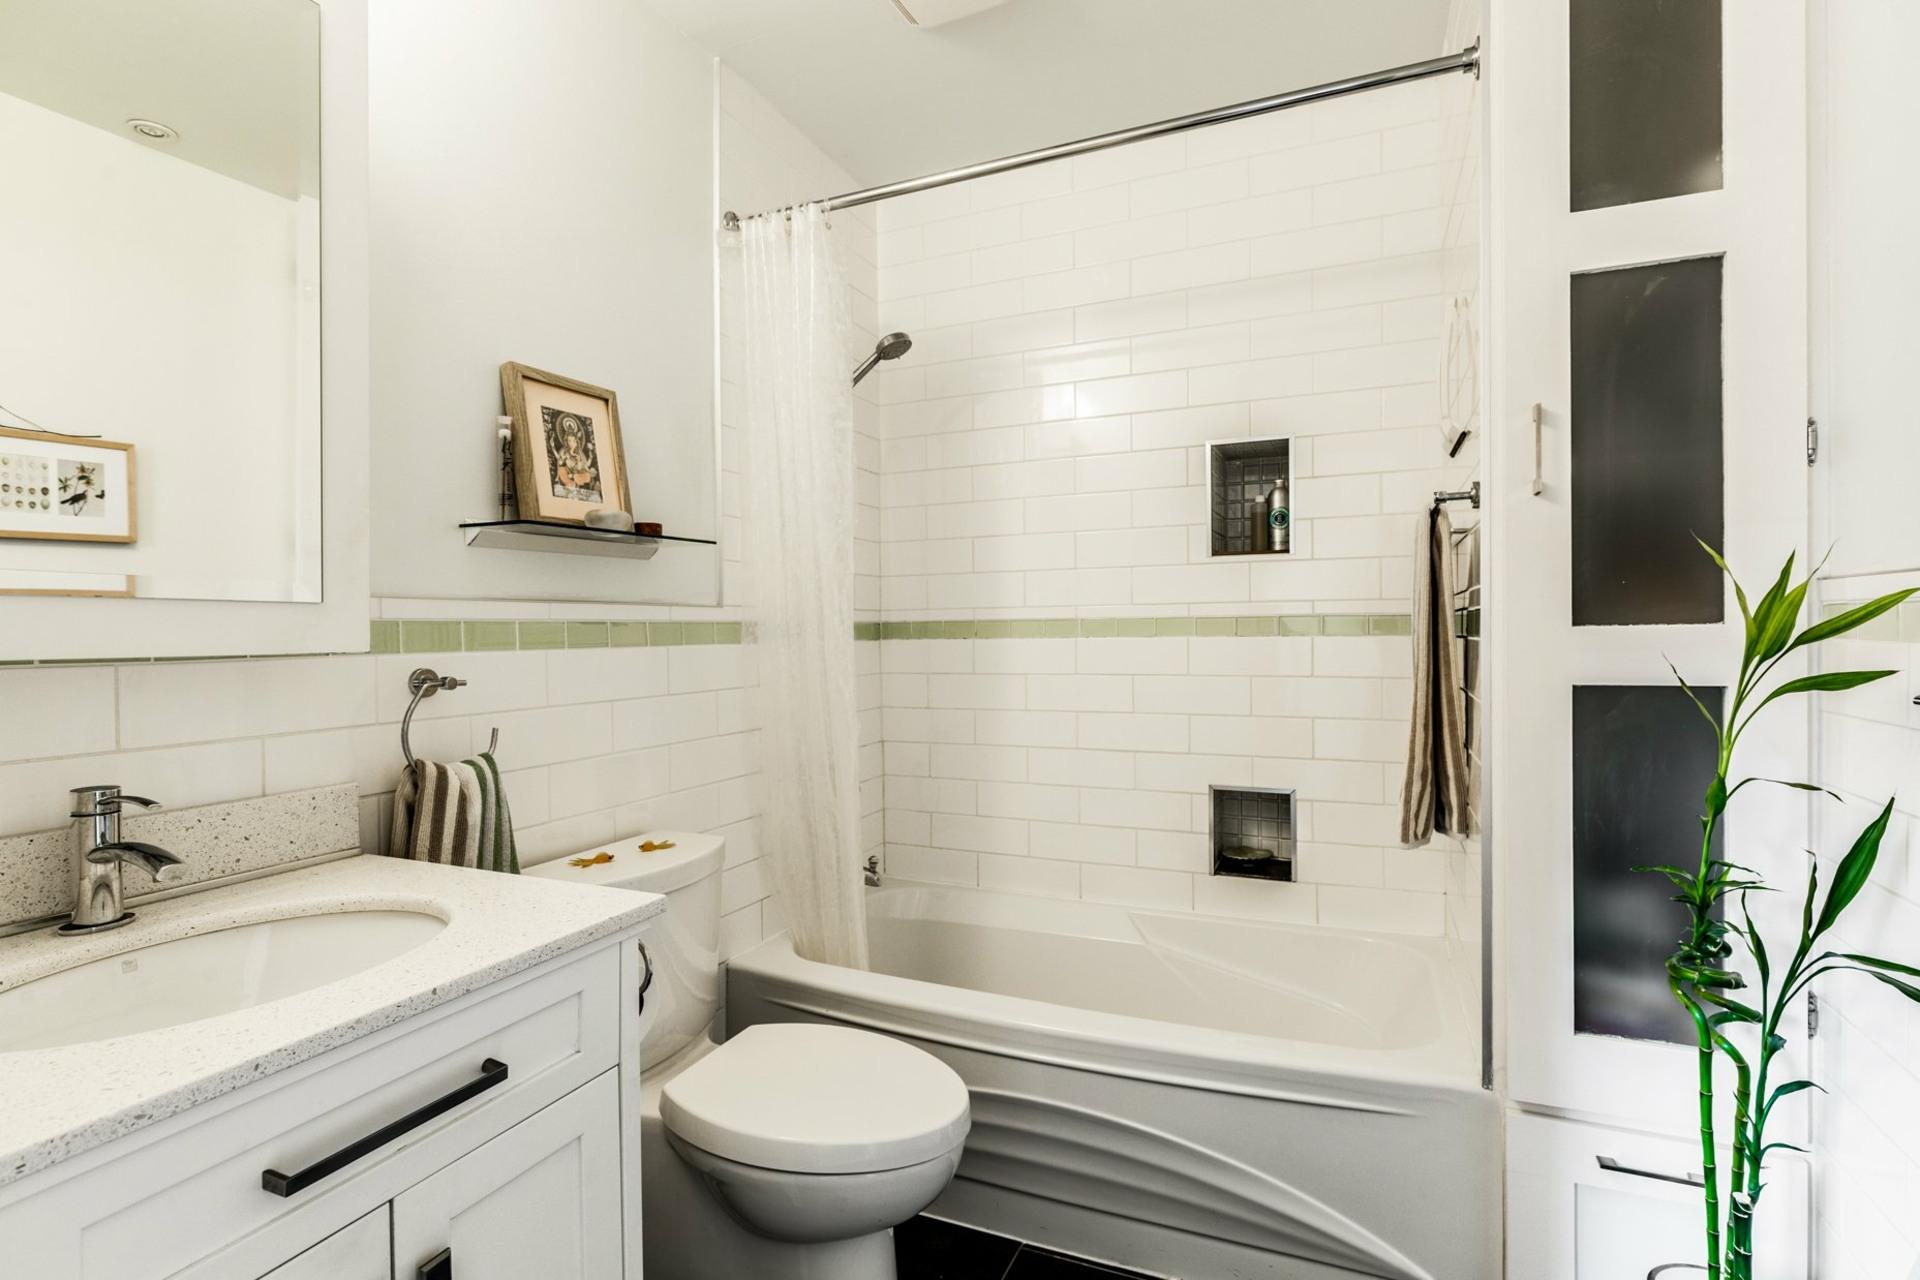 image 15 - Apartment For sale Le Plateau-Mont-Royal Montréal  - 6 rooms